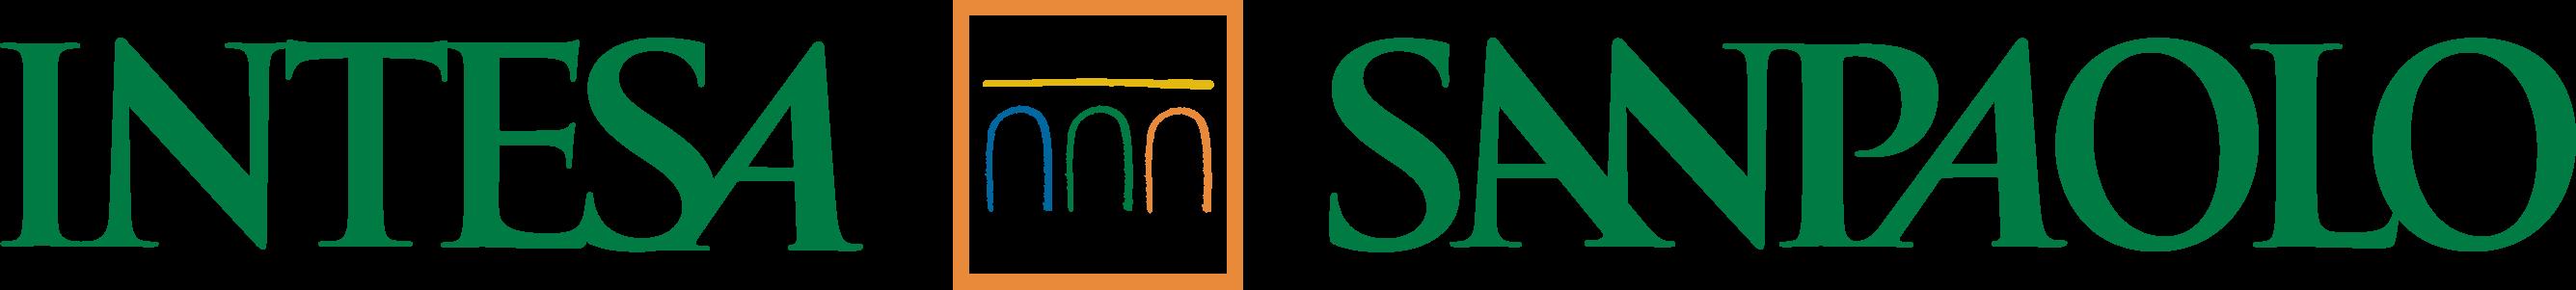 logo Intesa Sanpaolo@4x